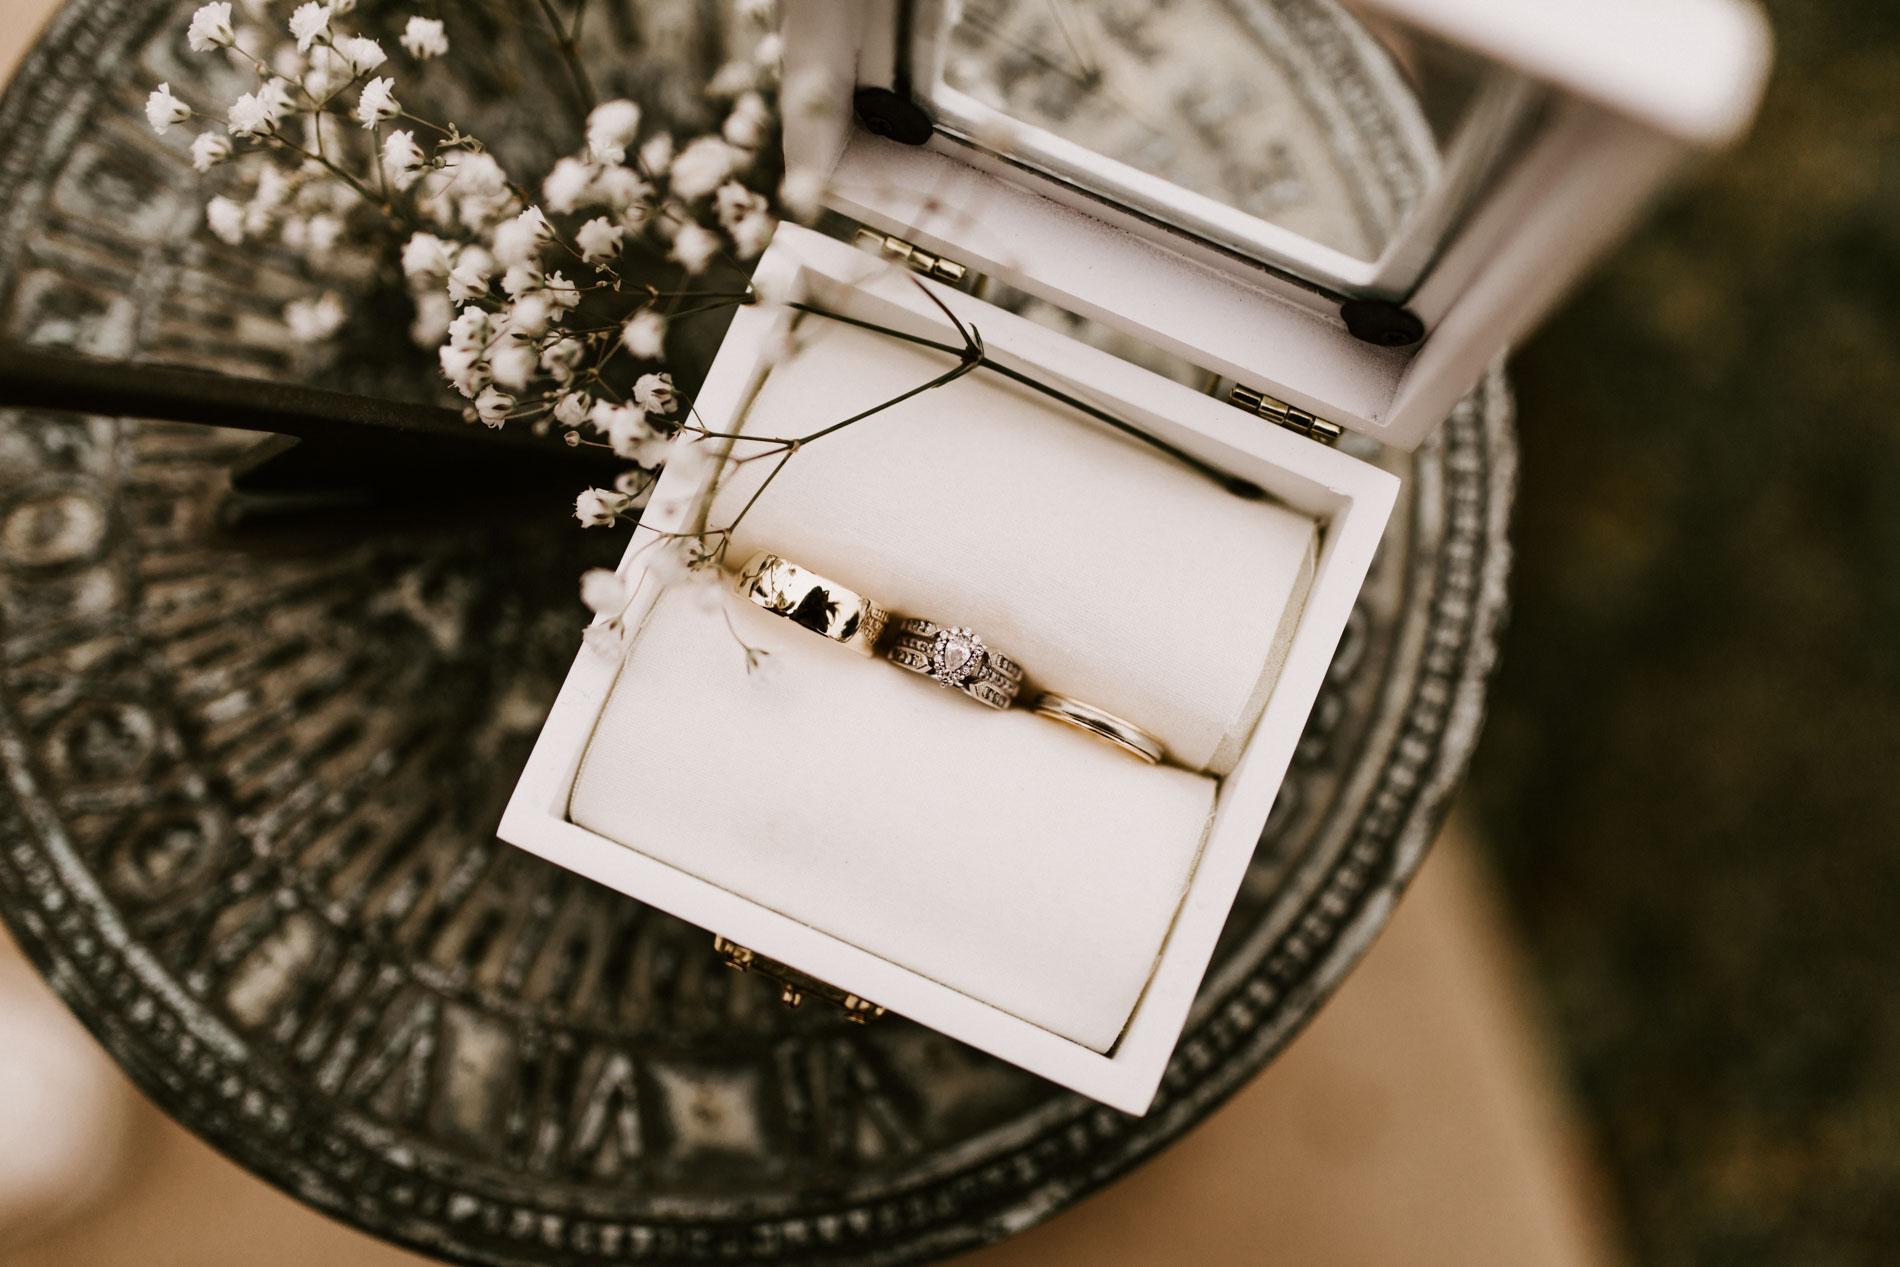 Beautiful wedding ring detail shot